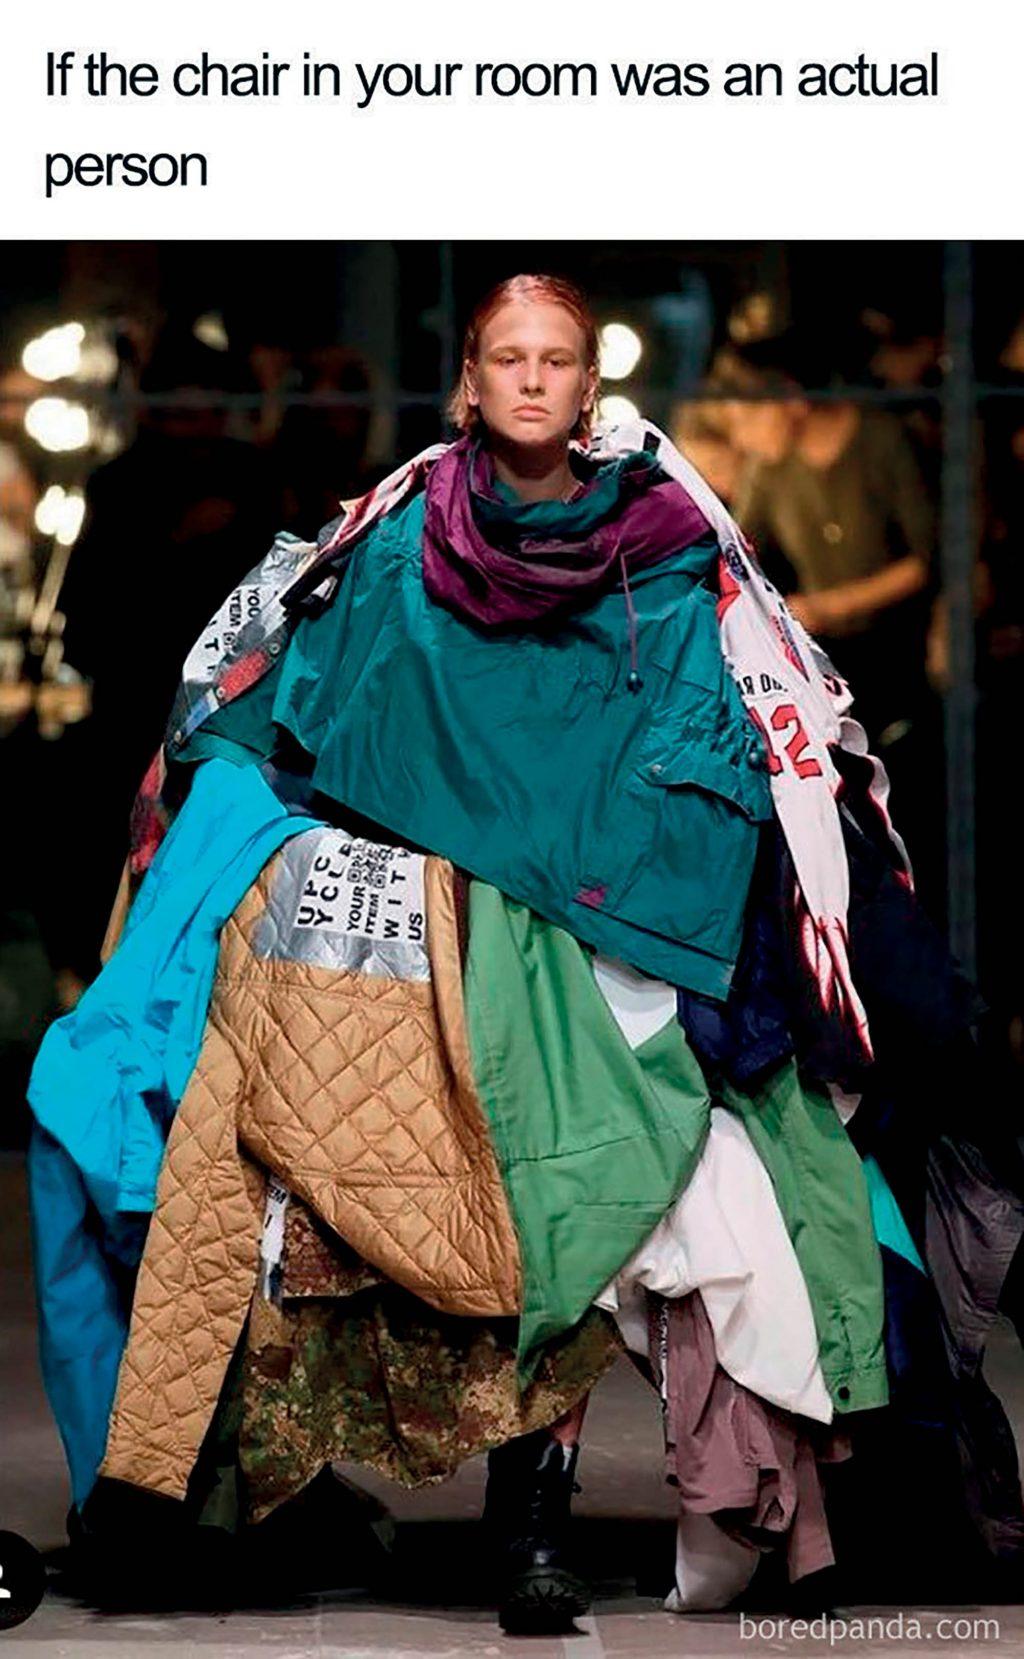 meme là gì? ảnh người mẫu trên sàn diễn thời trang